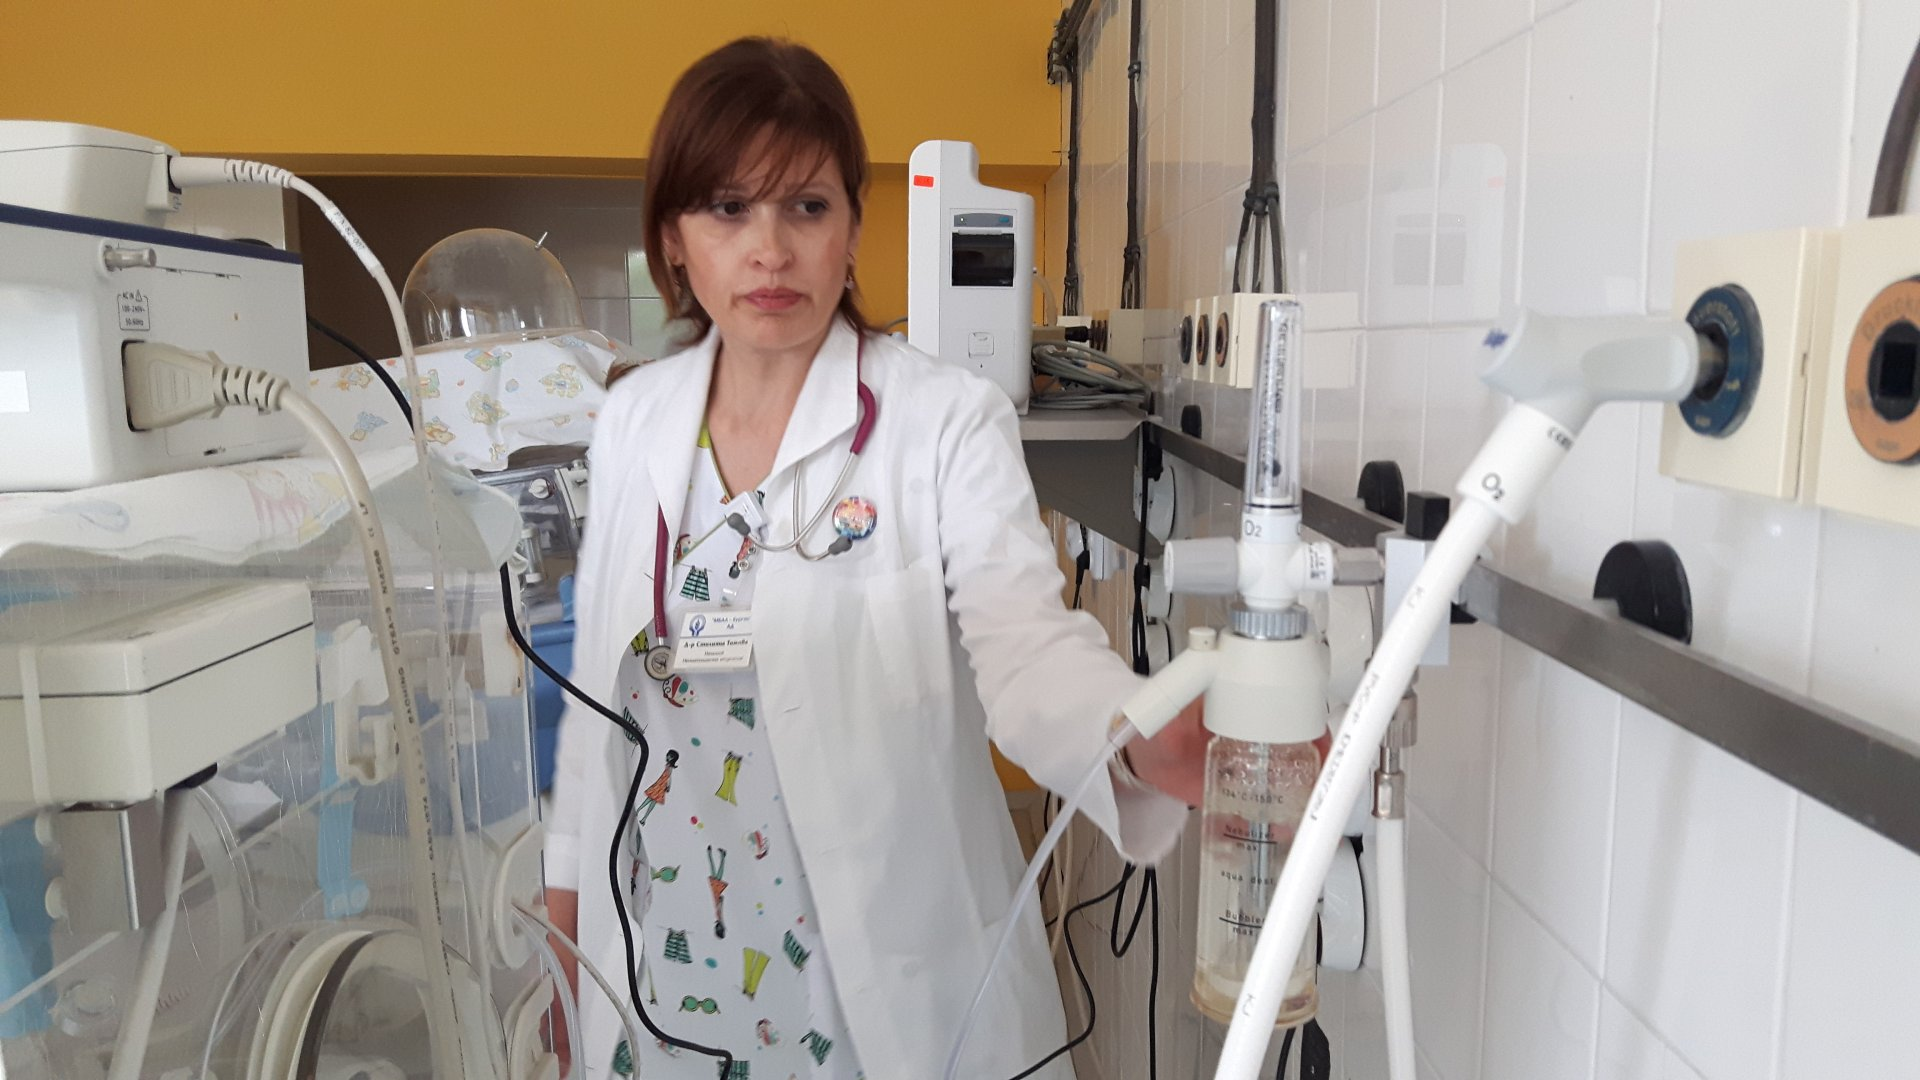 д-р Стилияна Томова, началник на Отделението по неонатология, която показва един от закупените ротаметри. Снимка Пресцентър УМБАЛ